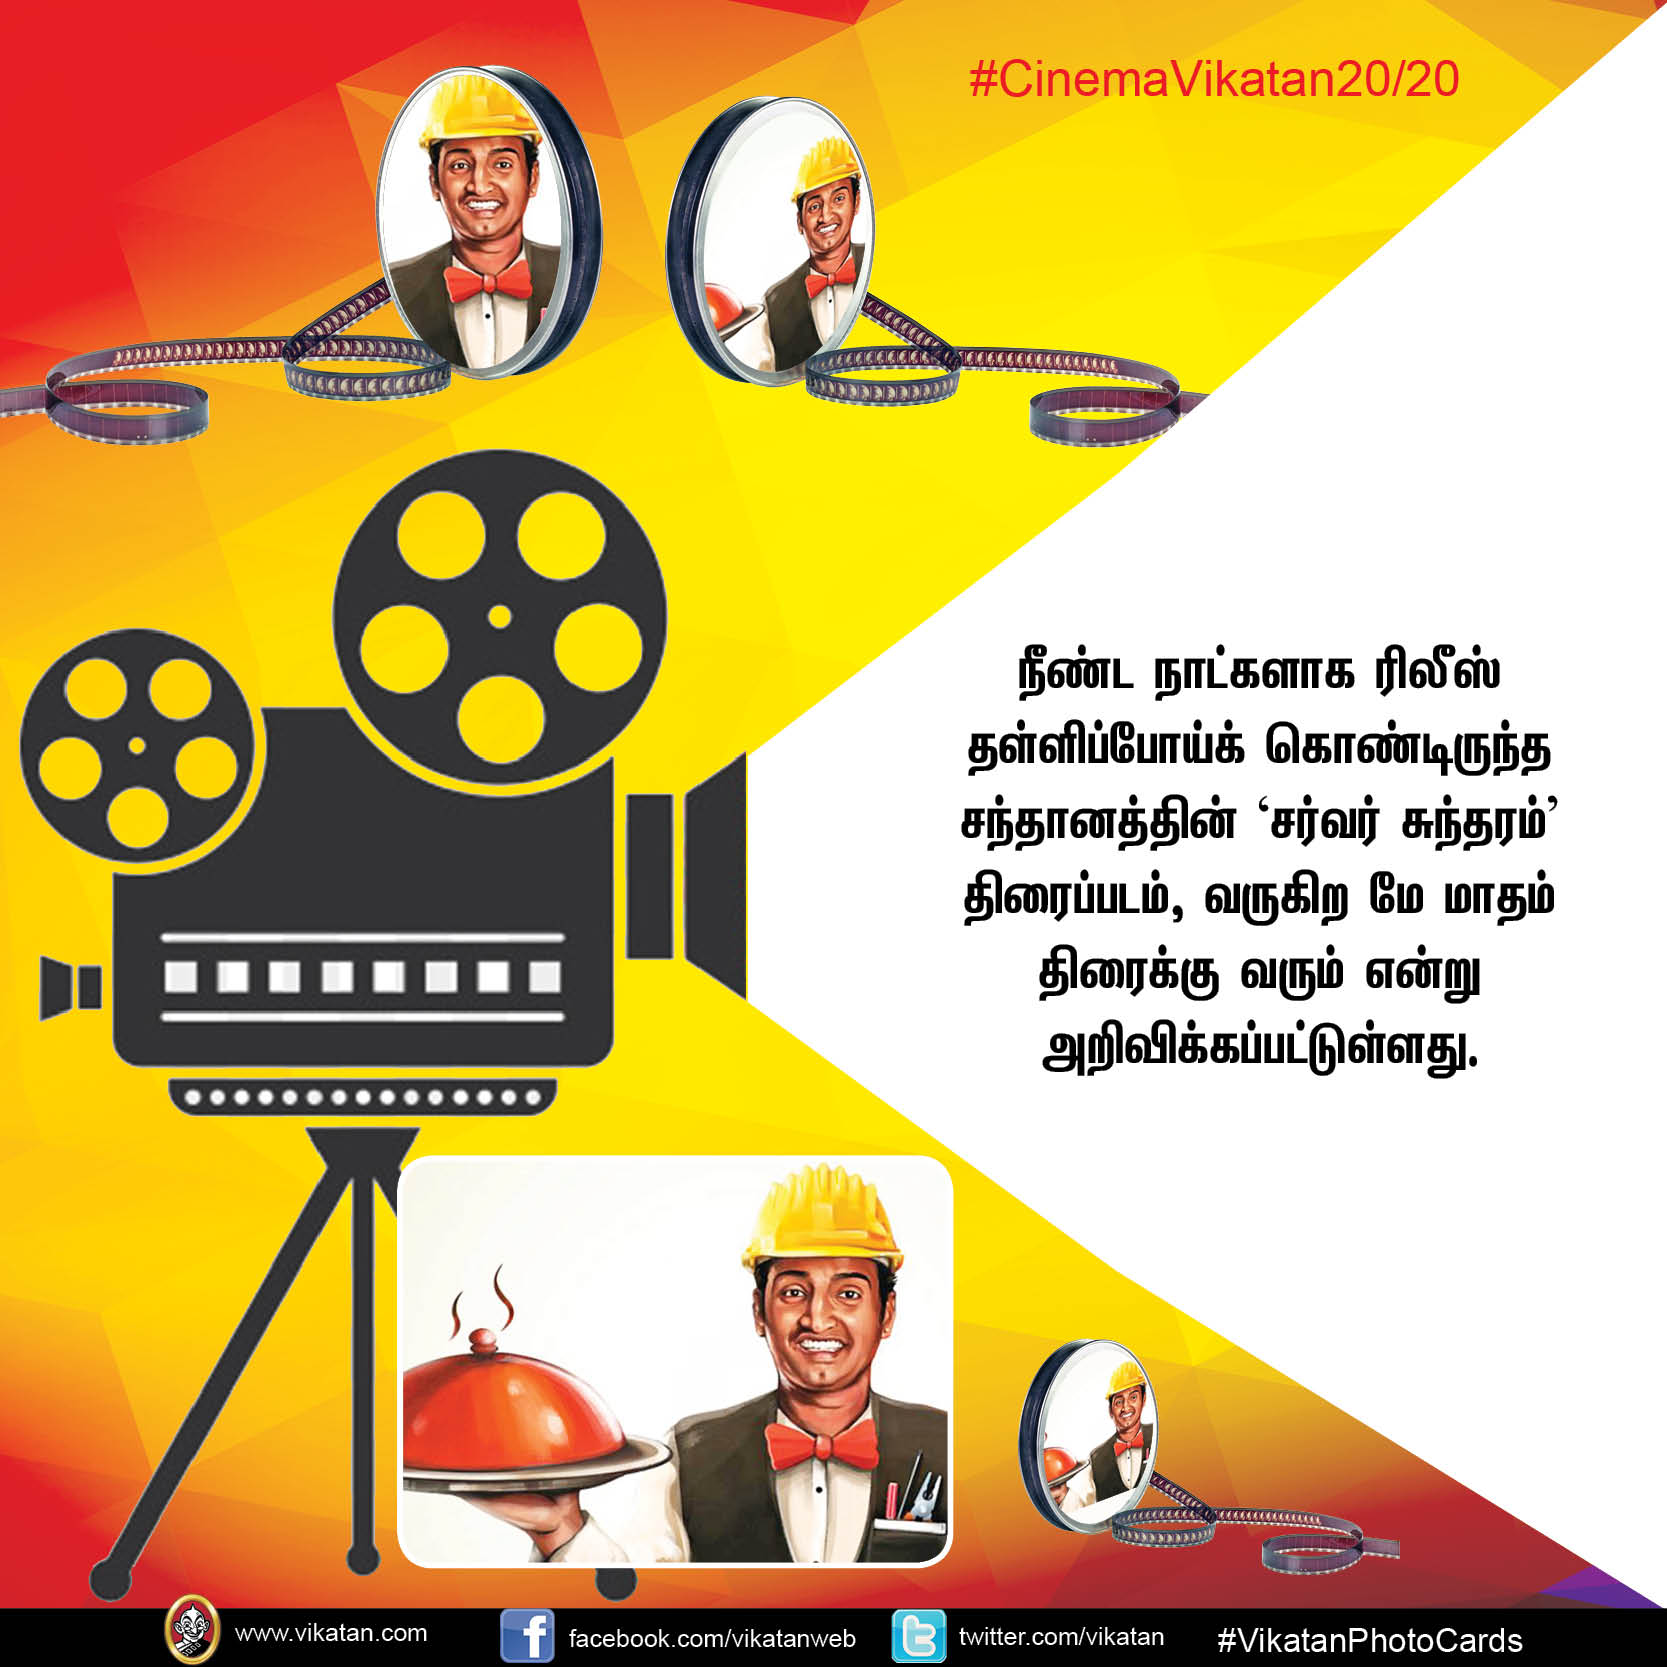 'காஞ்சனா-3'யின் காஸ்ட்லீ பாட்டு... 'கடாரம் கொண்டான்' ரிலீஸ் குழப்பம்... #CinemaVikatan20/20